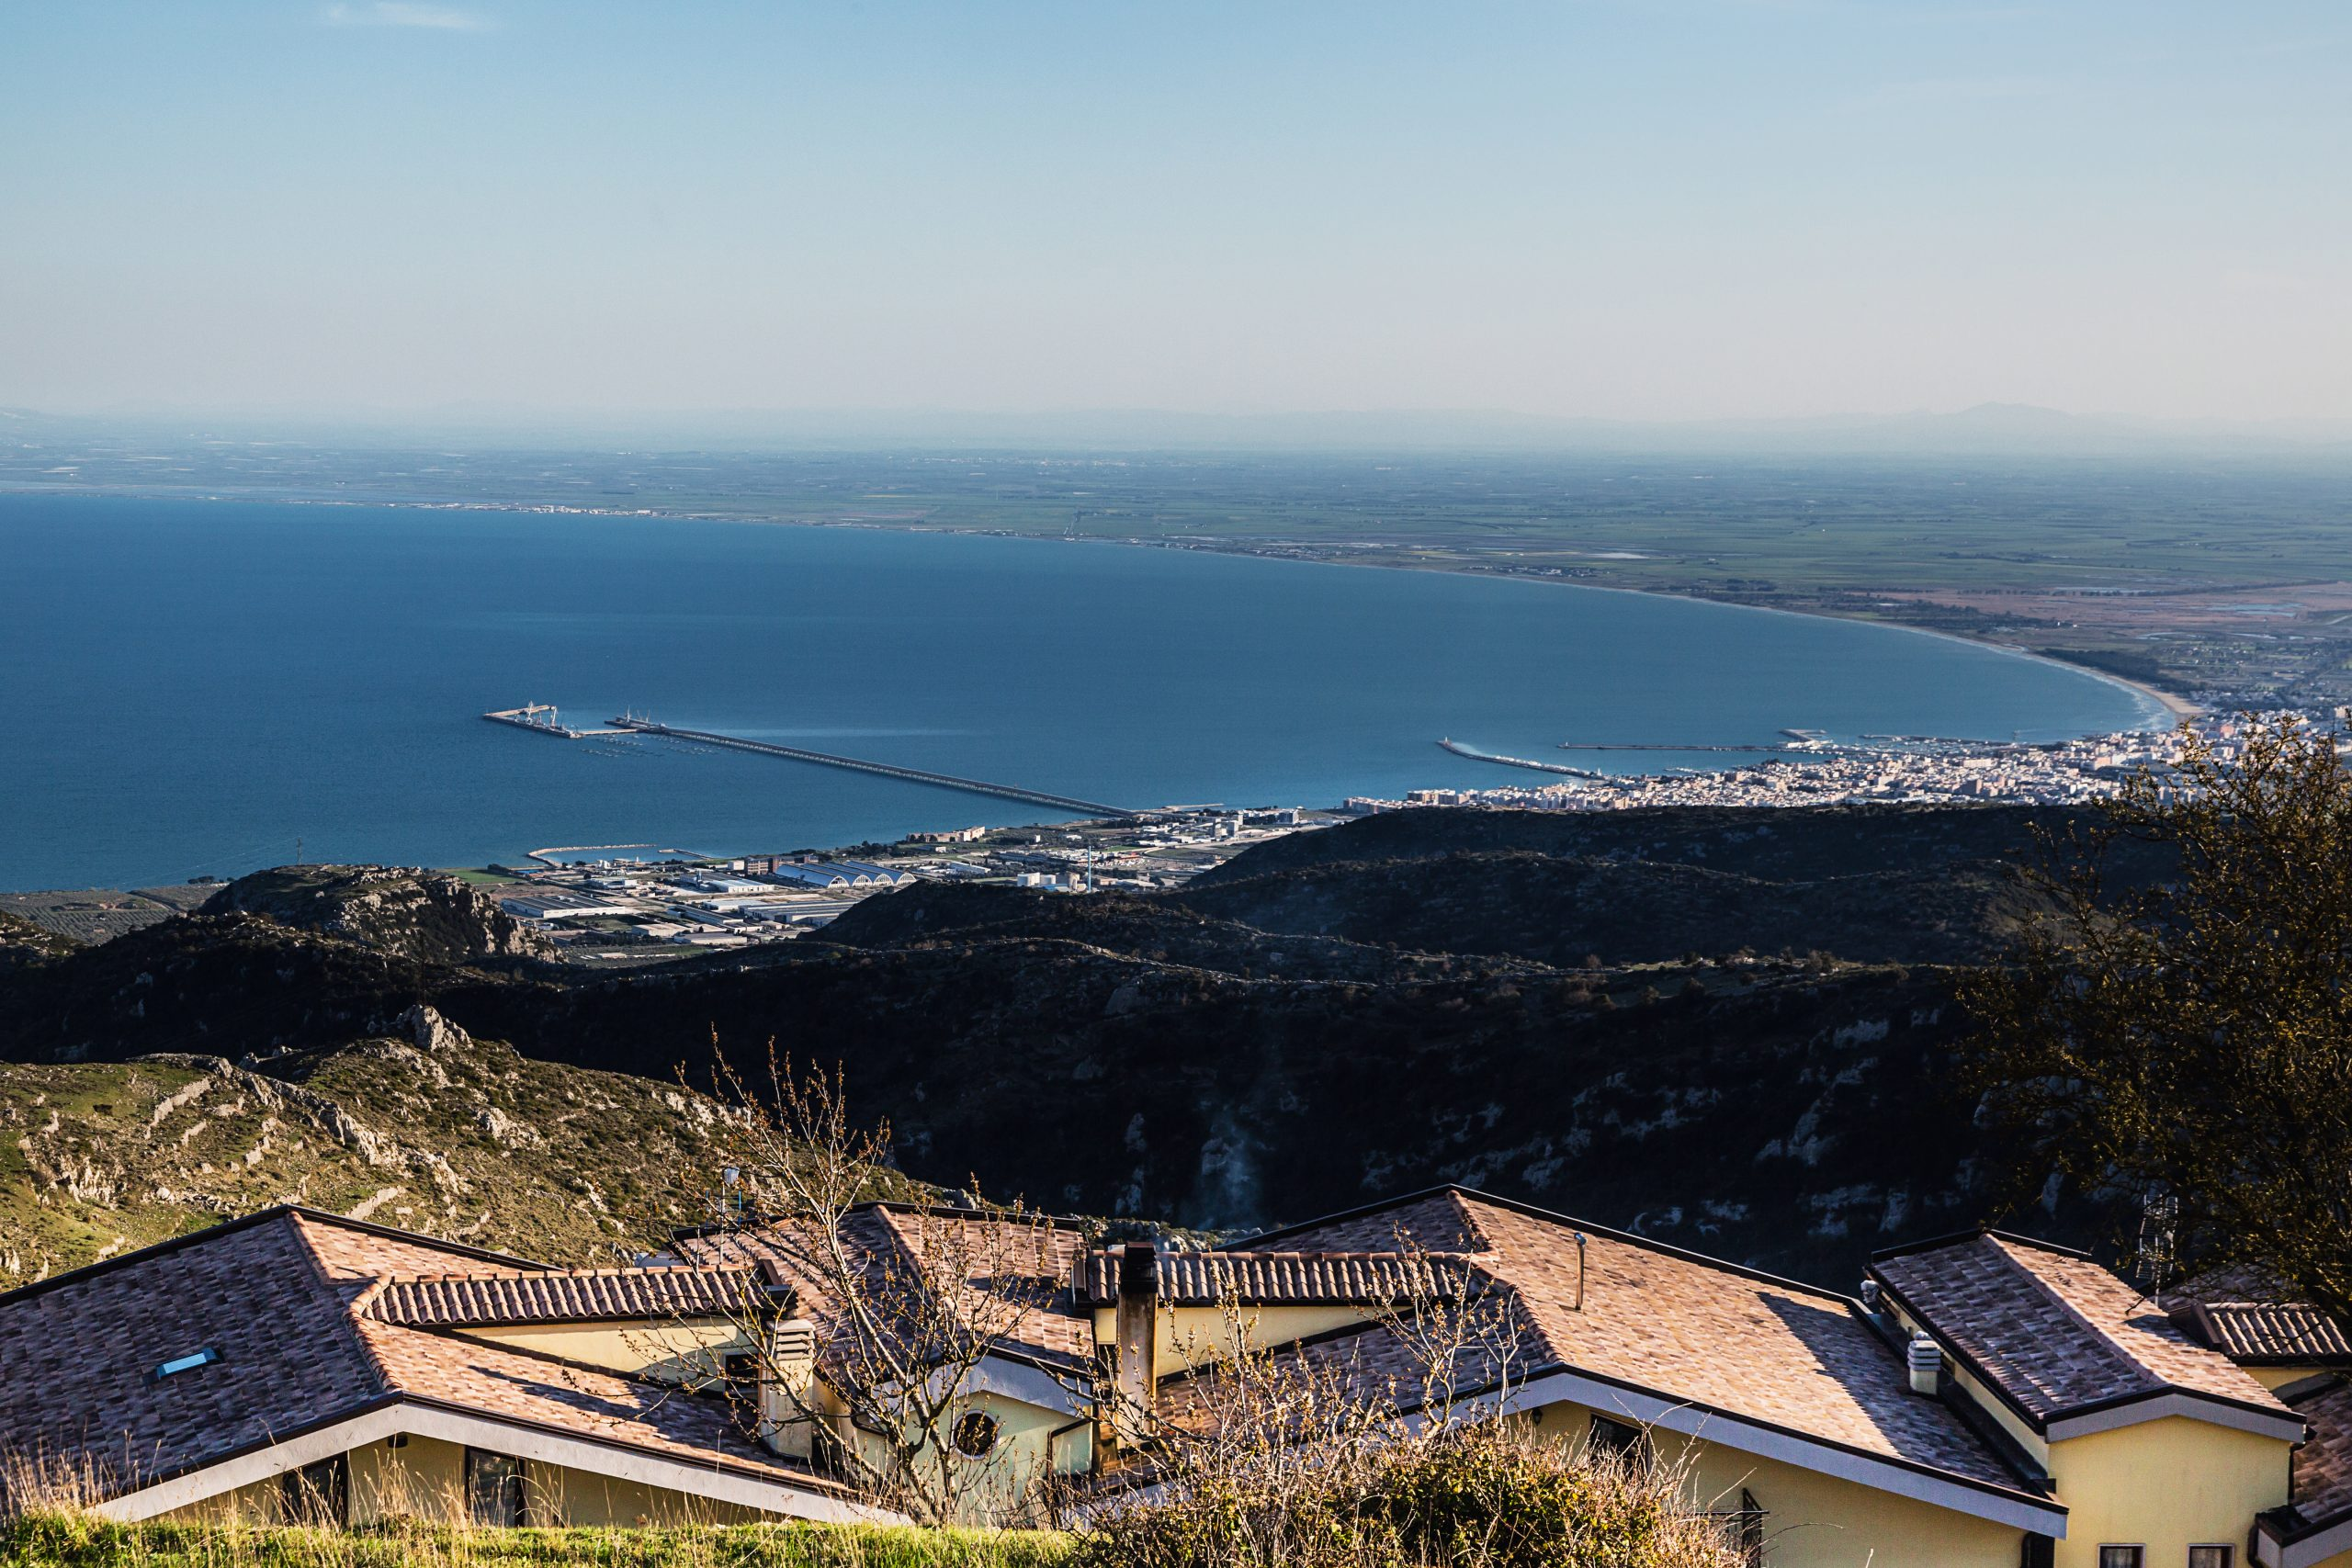 Monte Sant'Angelo - Panoramica del Golfo di Manfredonia visto dal paese.